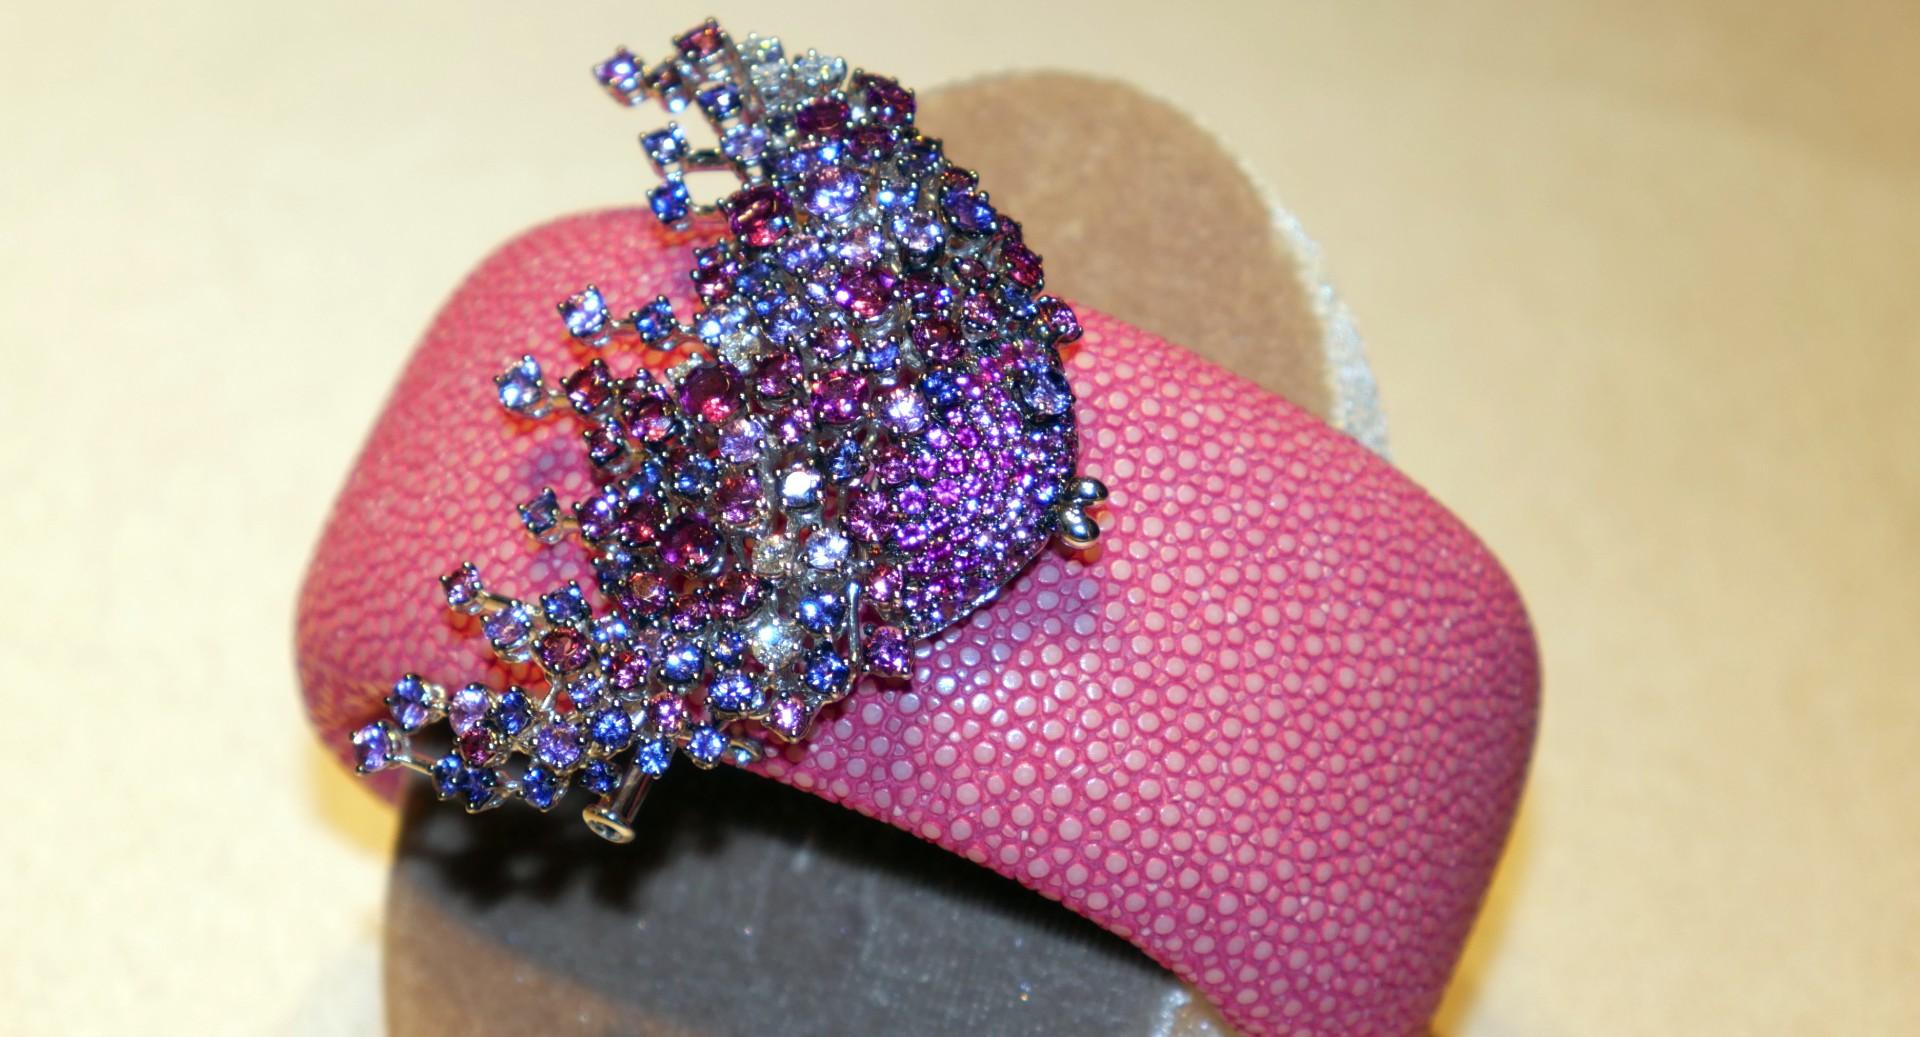 DAMIANI - Bracelet cuff en galuchat couleur fraise avec poisson en or blanc, diamants blancs, saphirs et rhodolite